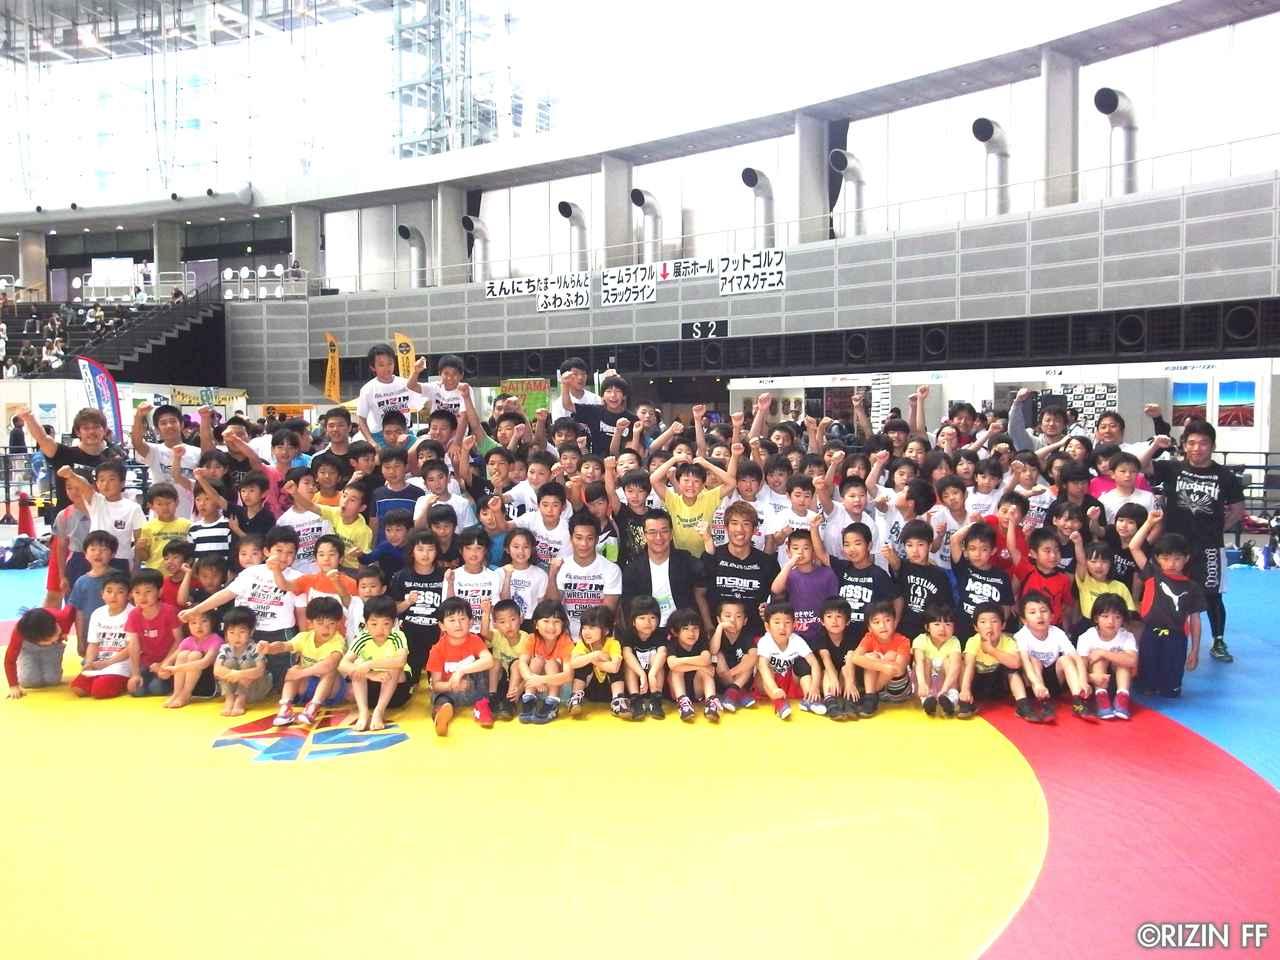 画像14: リオ五輪銀メダリストの太田忍が200人のちびっこたちにレスリングを指導!第2回RIZINレスリングキャンプ大盛況!!